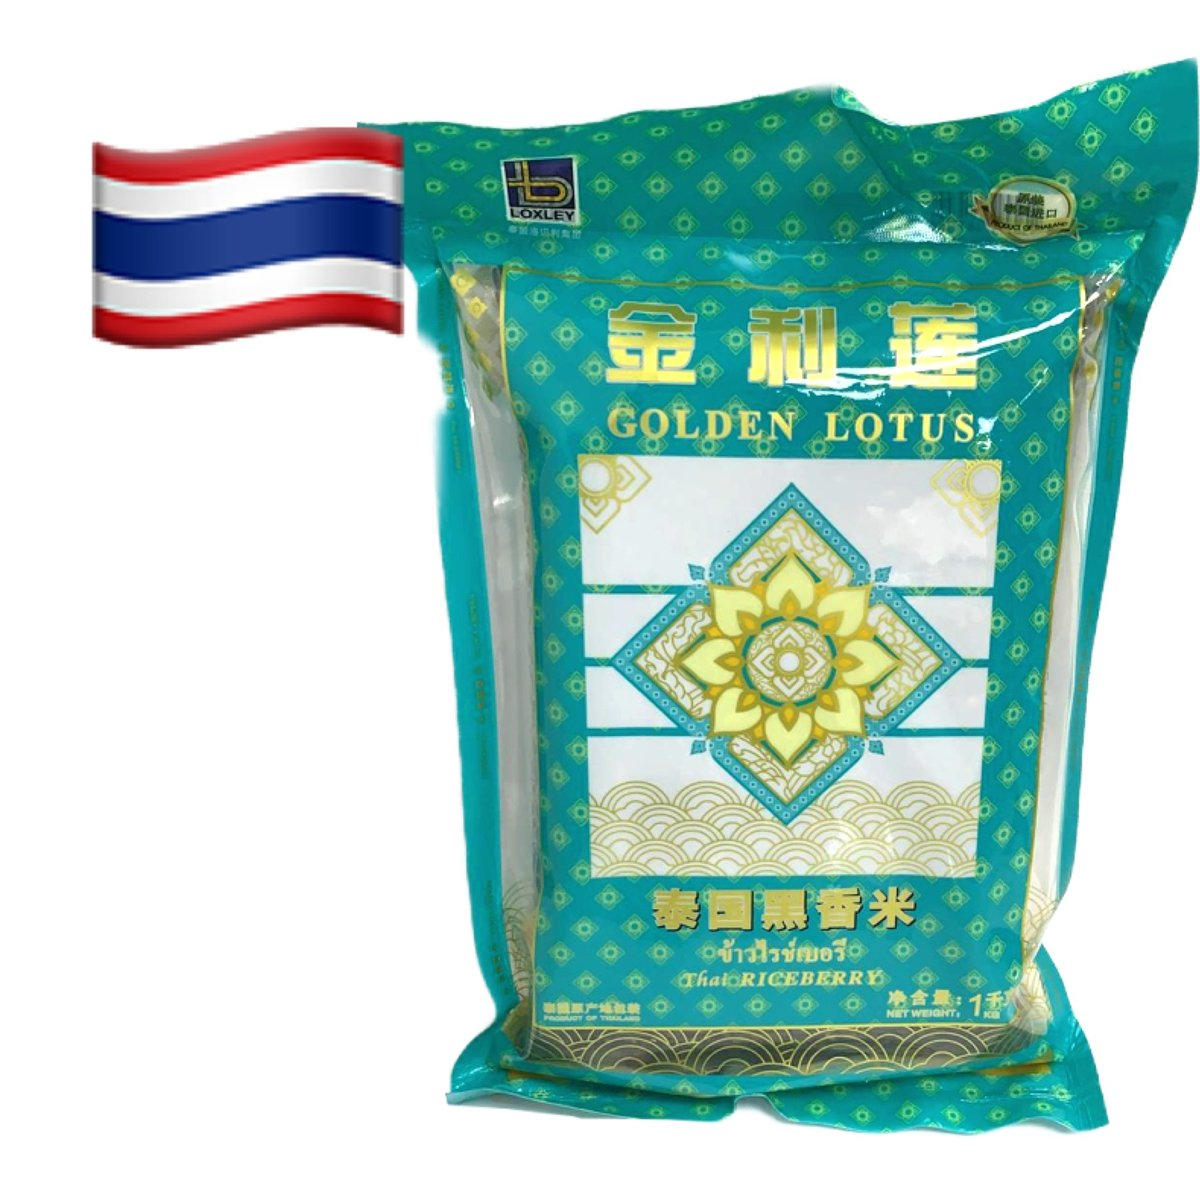 Golden Lotus Thai Black Fragrant Rice (1kg)